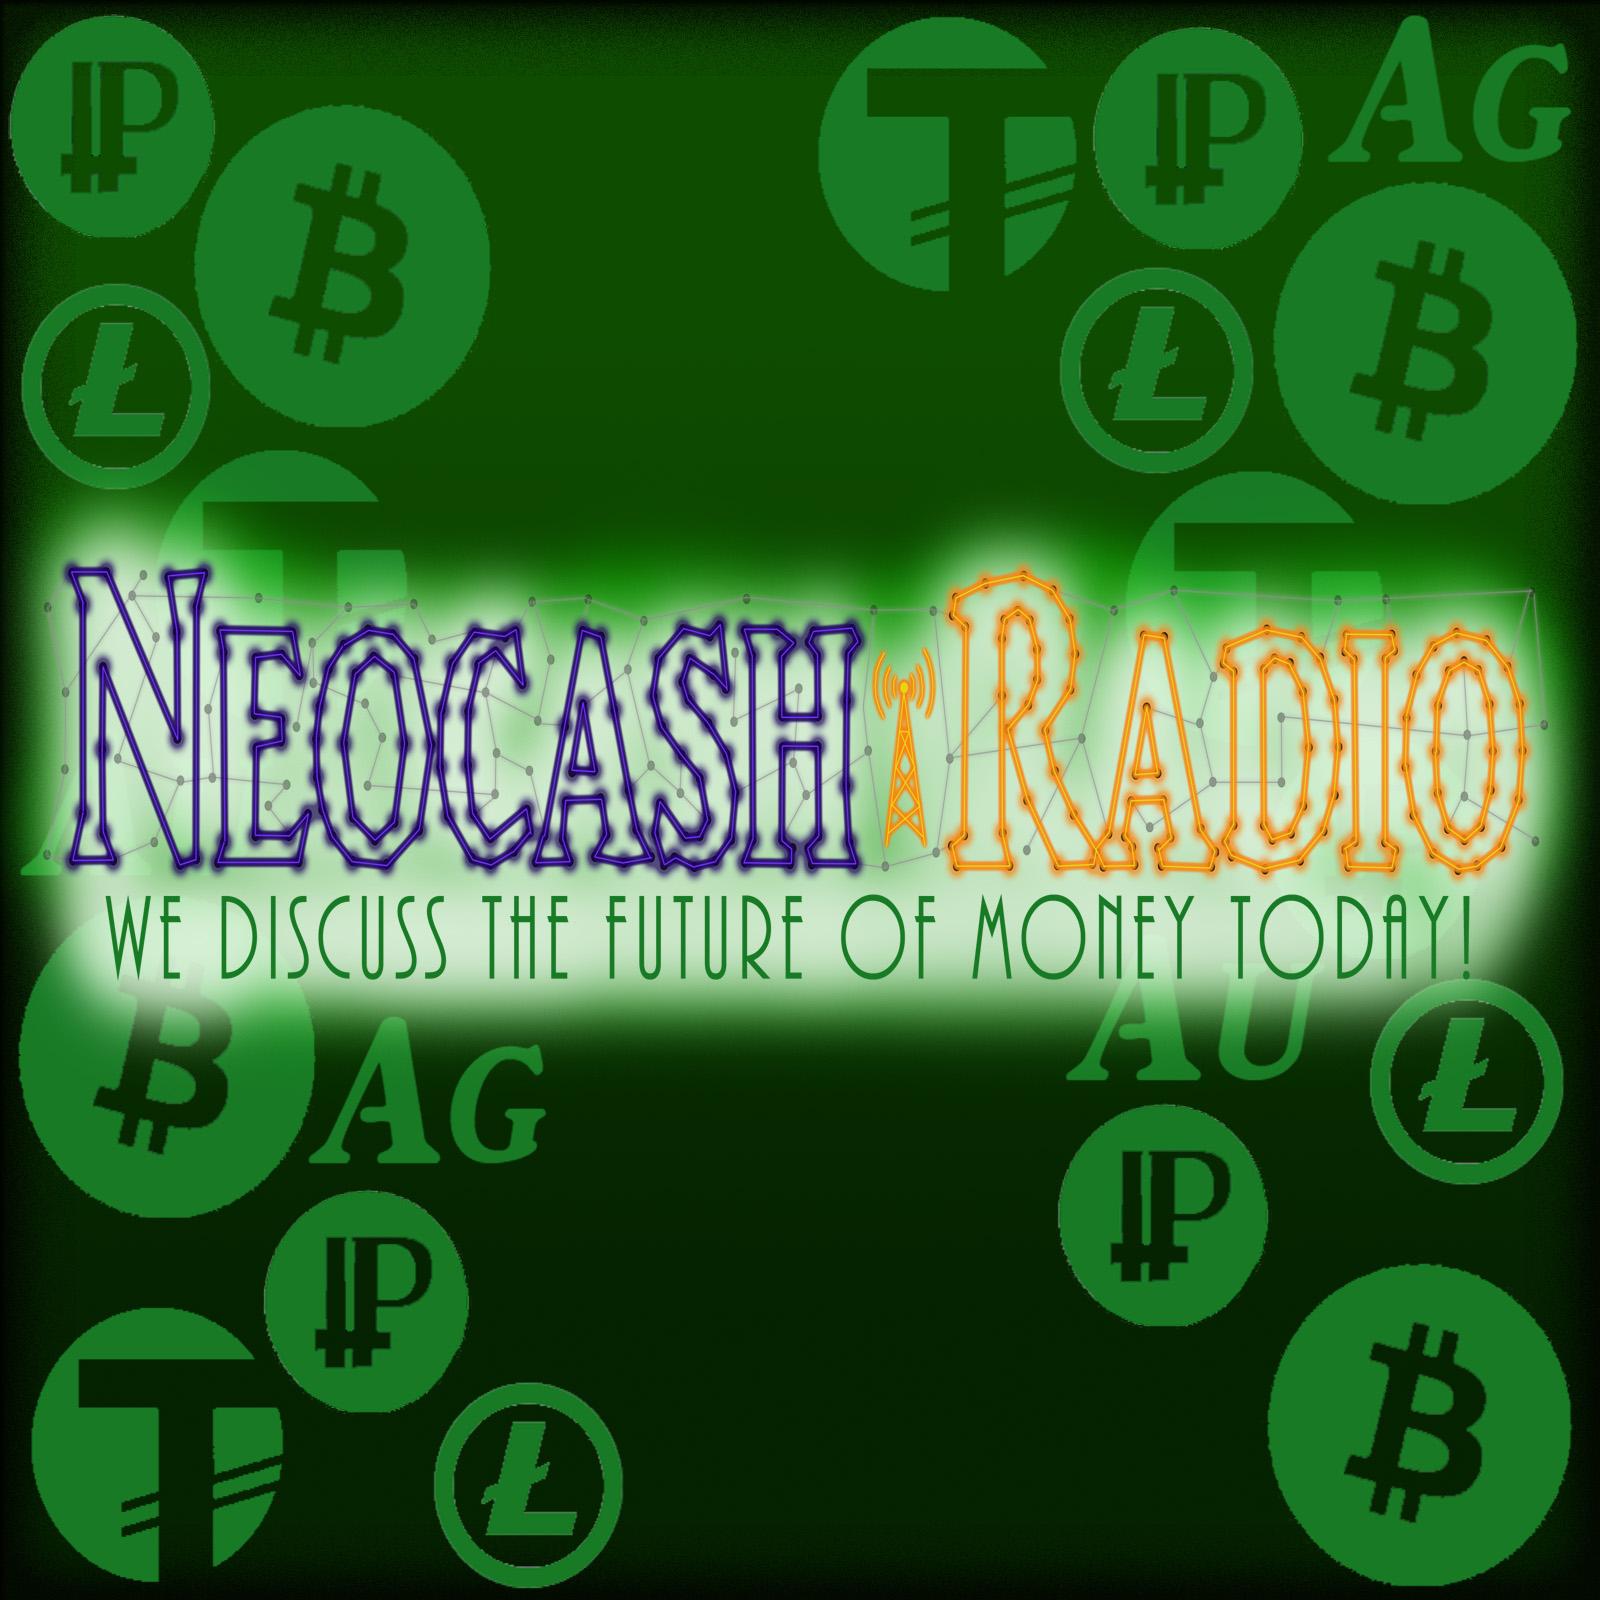 Neocash Radio - Episode 115